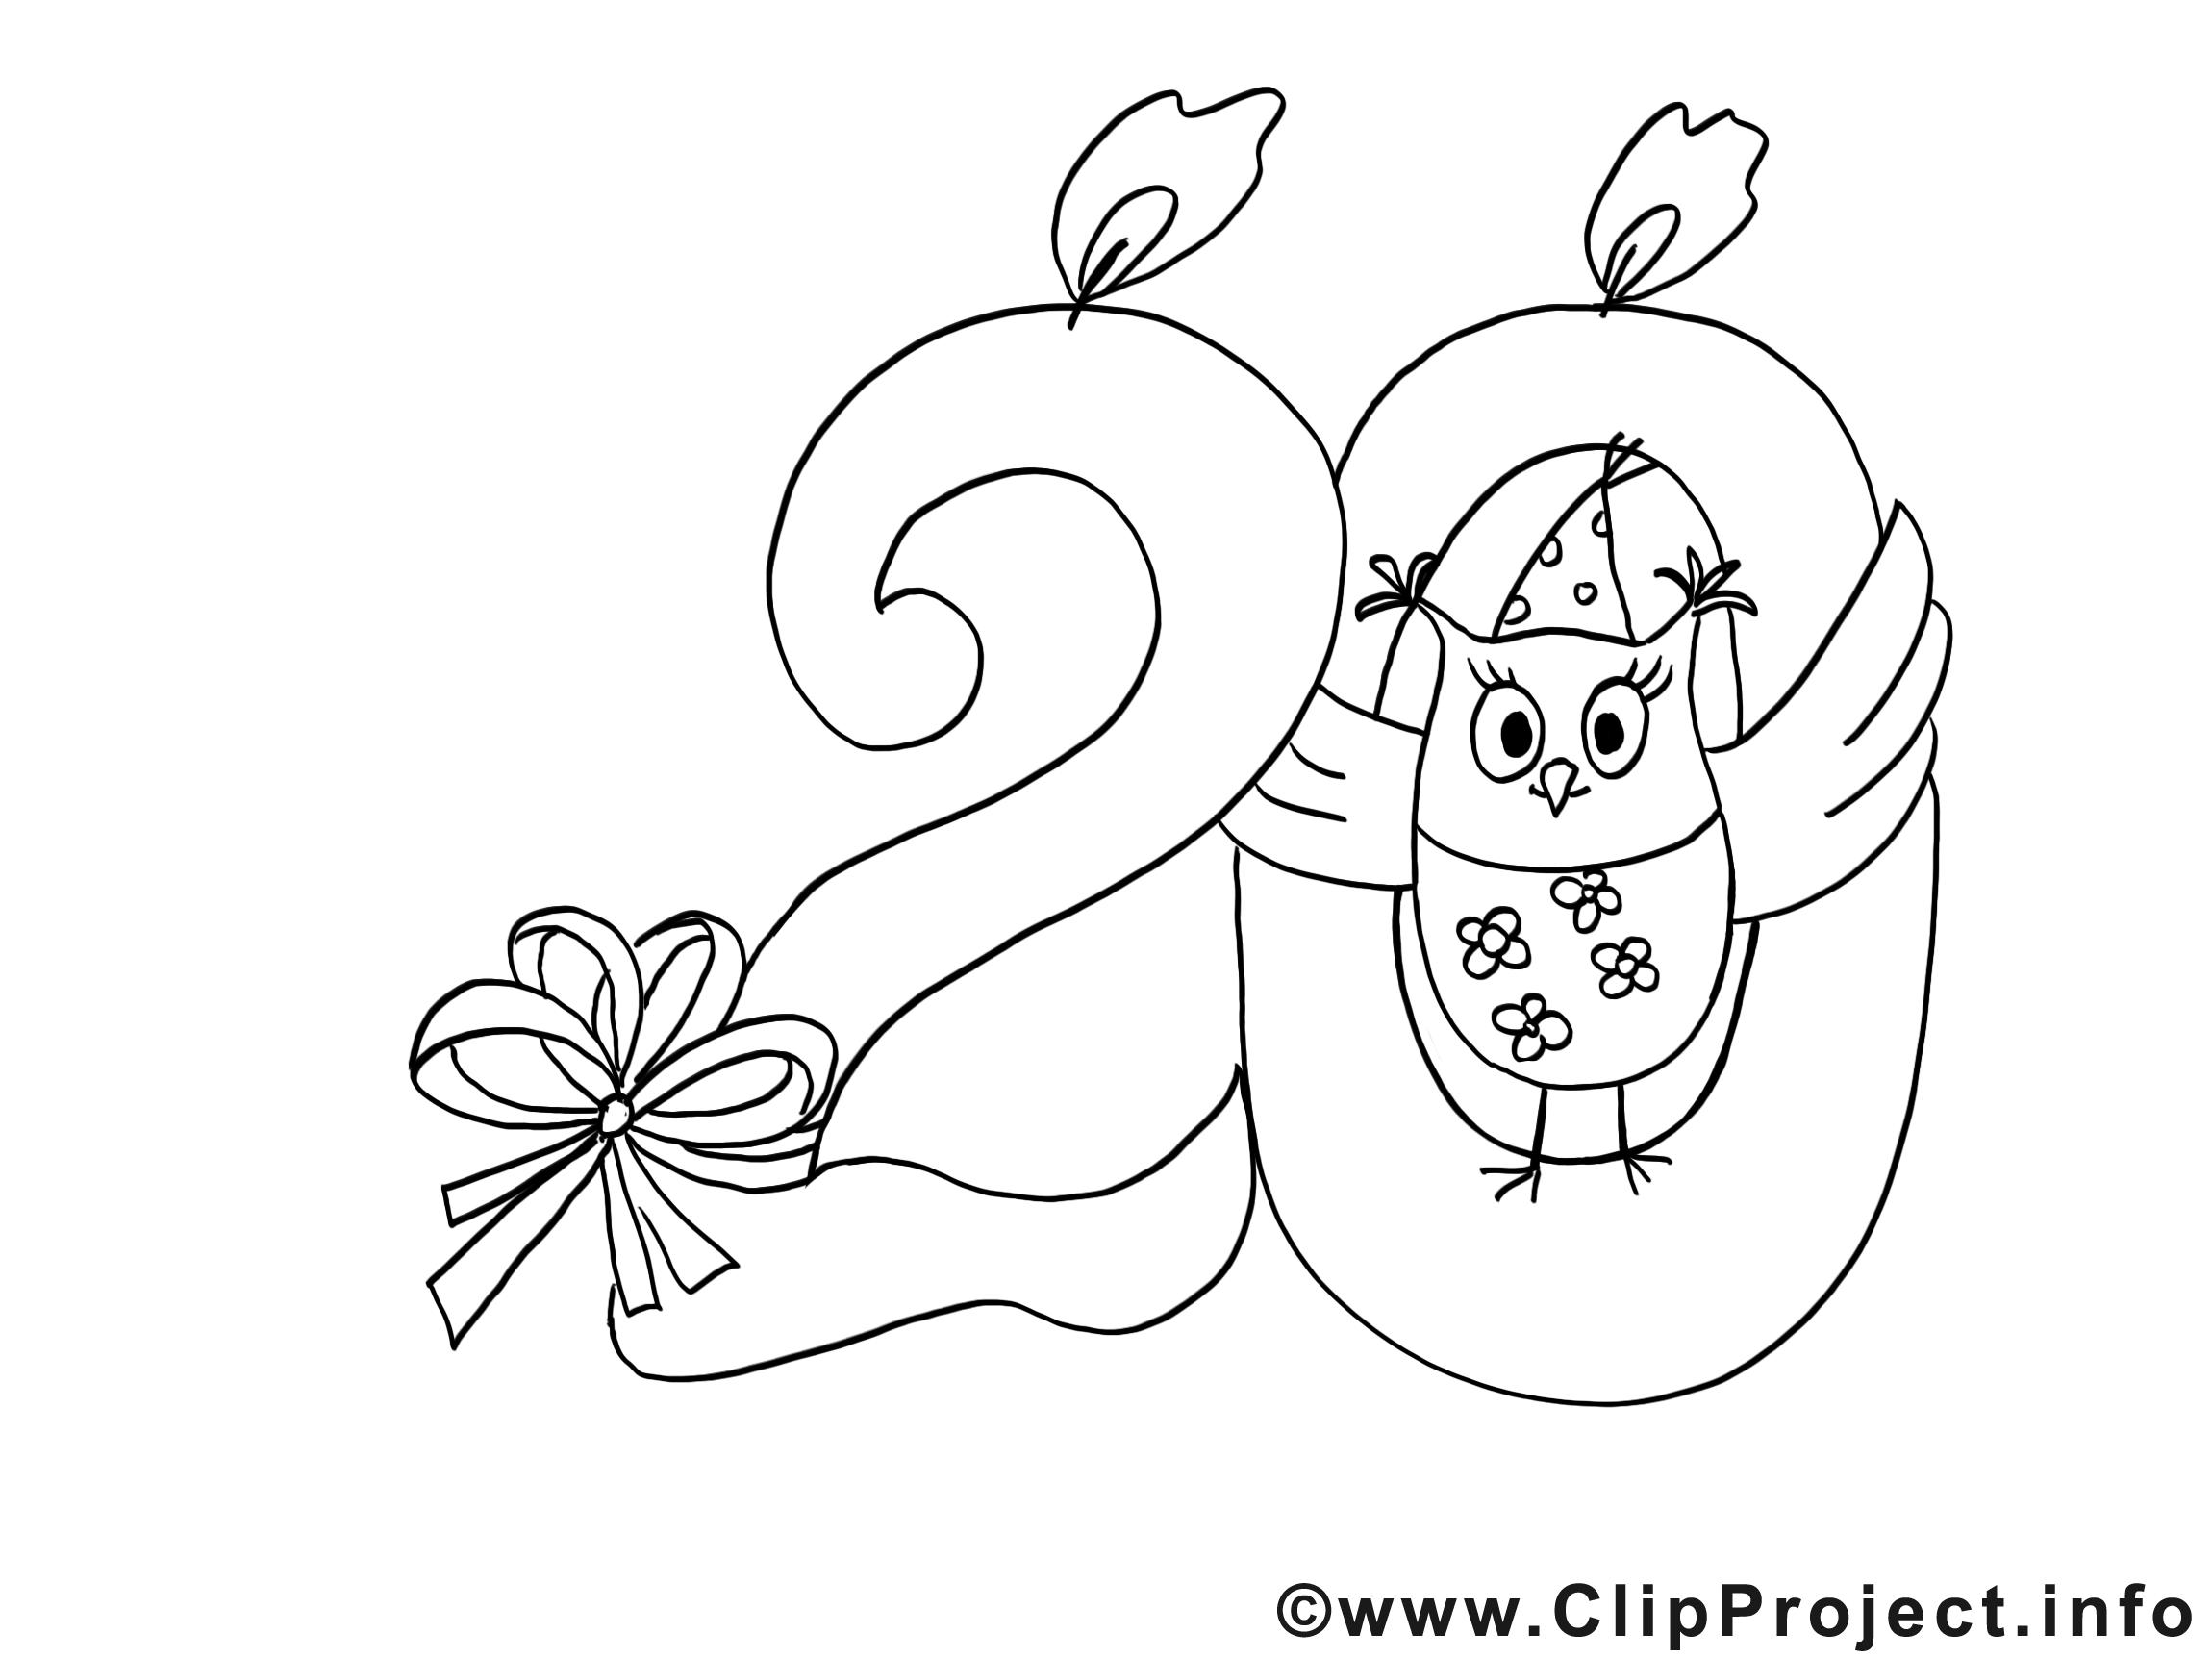 20 ans clipart gratuit invitations colorier invitations coloriages dessin picture image - Dessin anniversaire 20 ans ...